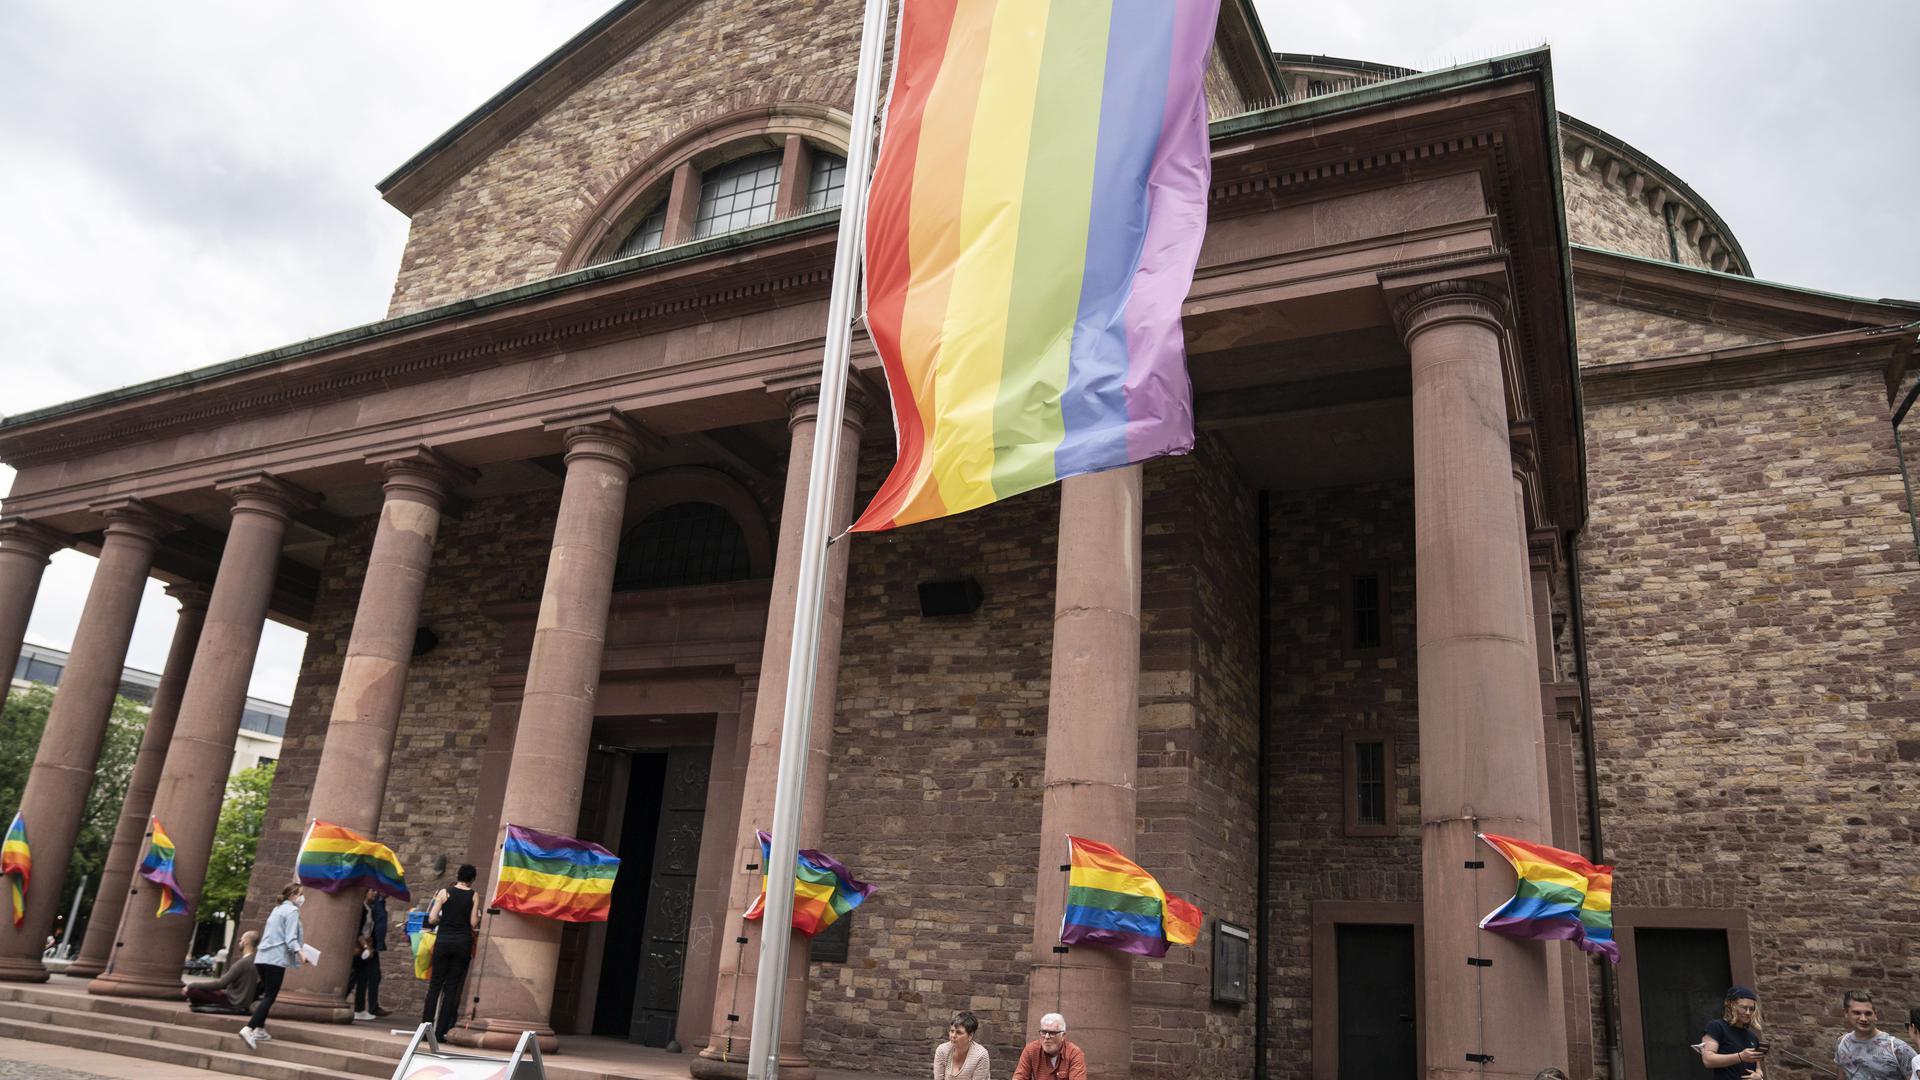 An der Karlsruher St.-Stephan-Kirche hängen Regenbogenflaggen.